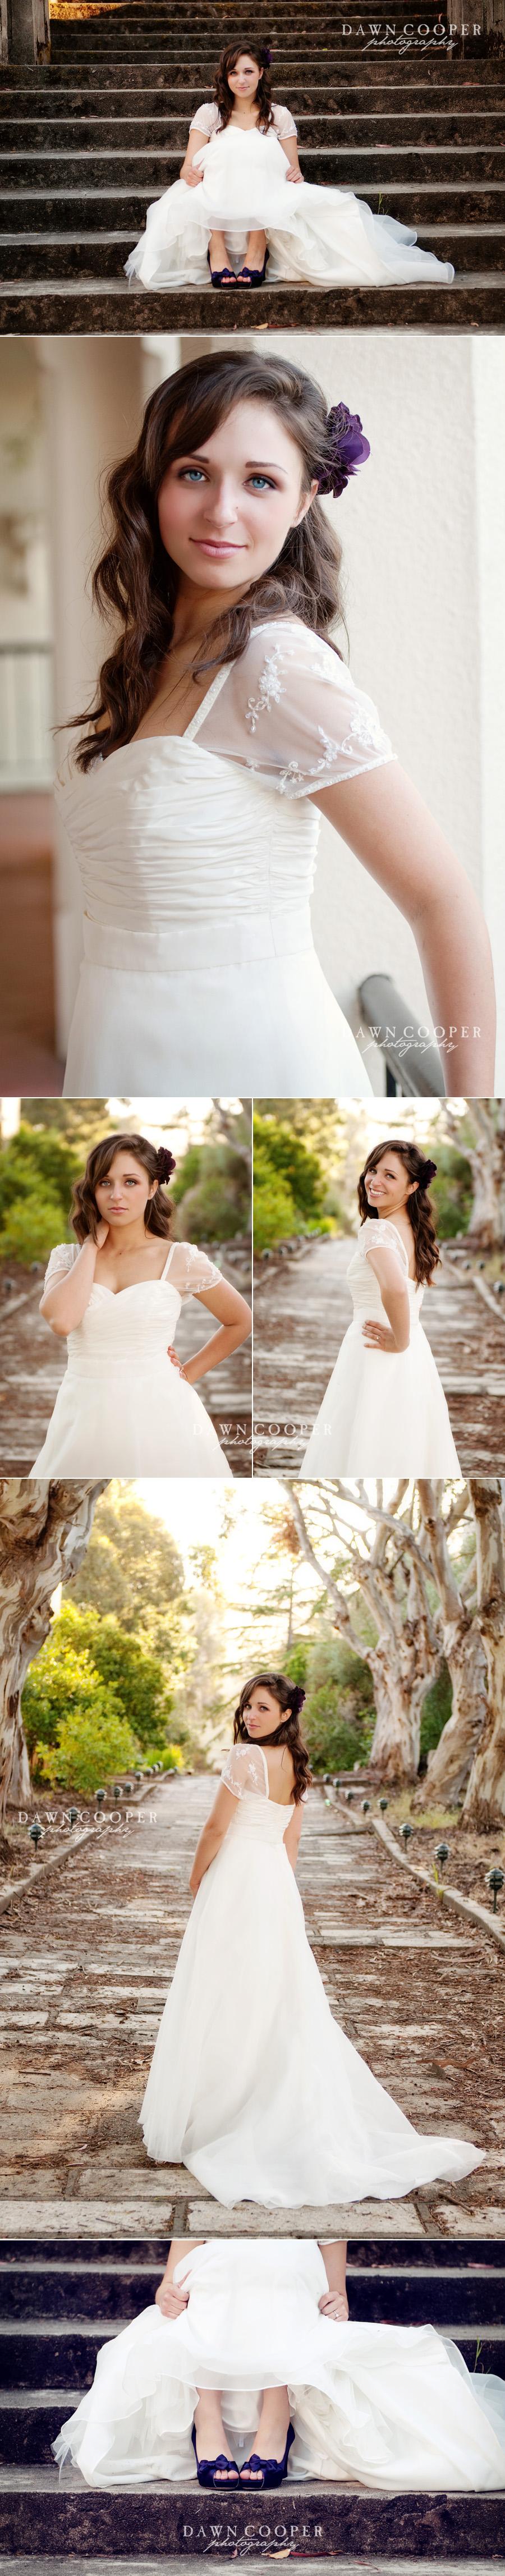 bridalspart2